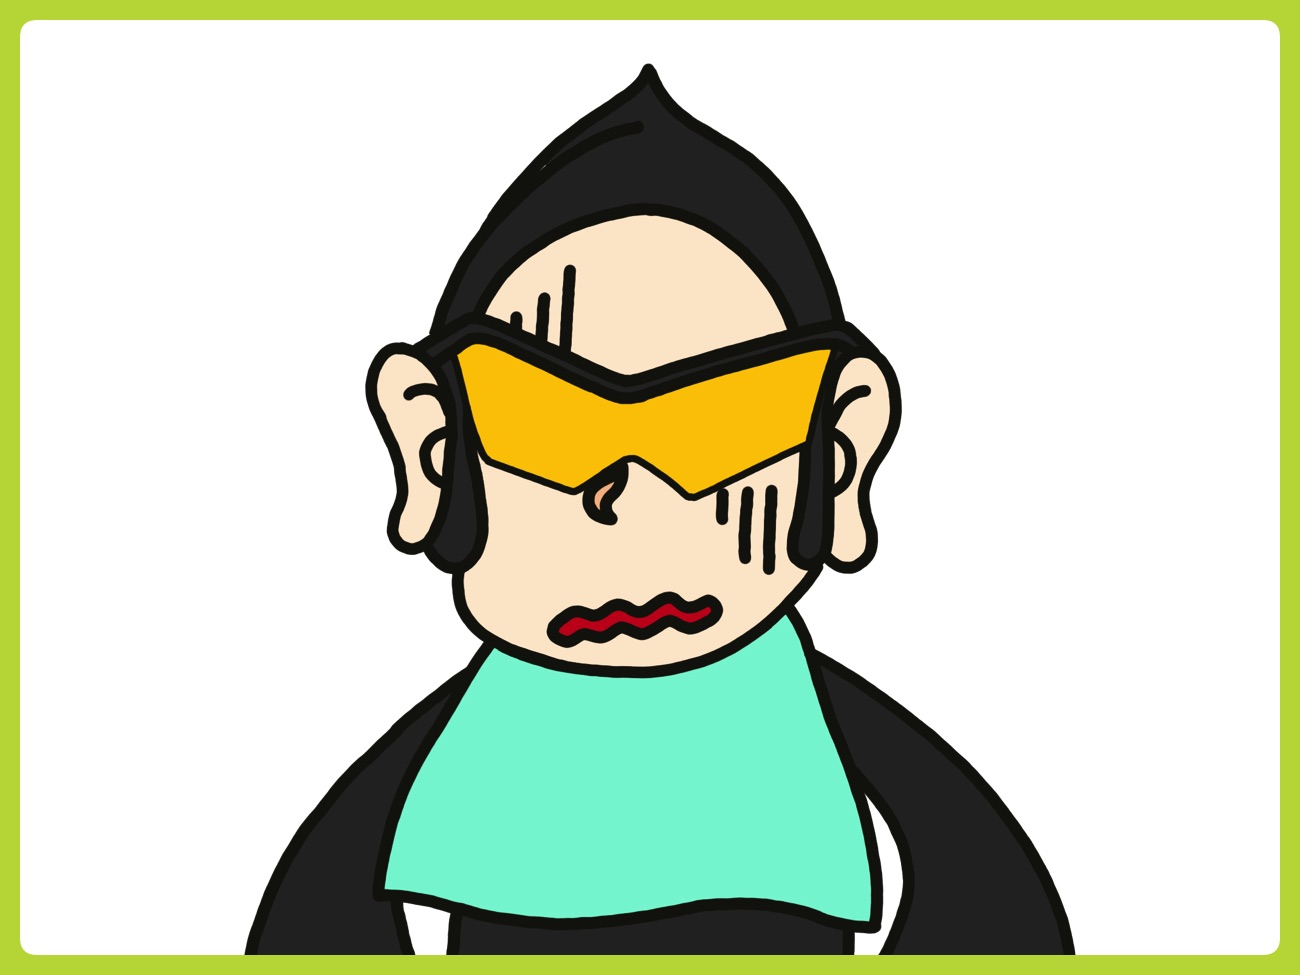 虫歯の治療にサングラス着用?